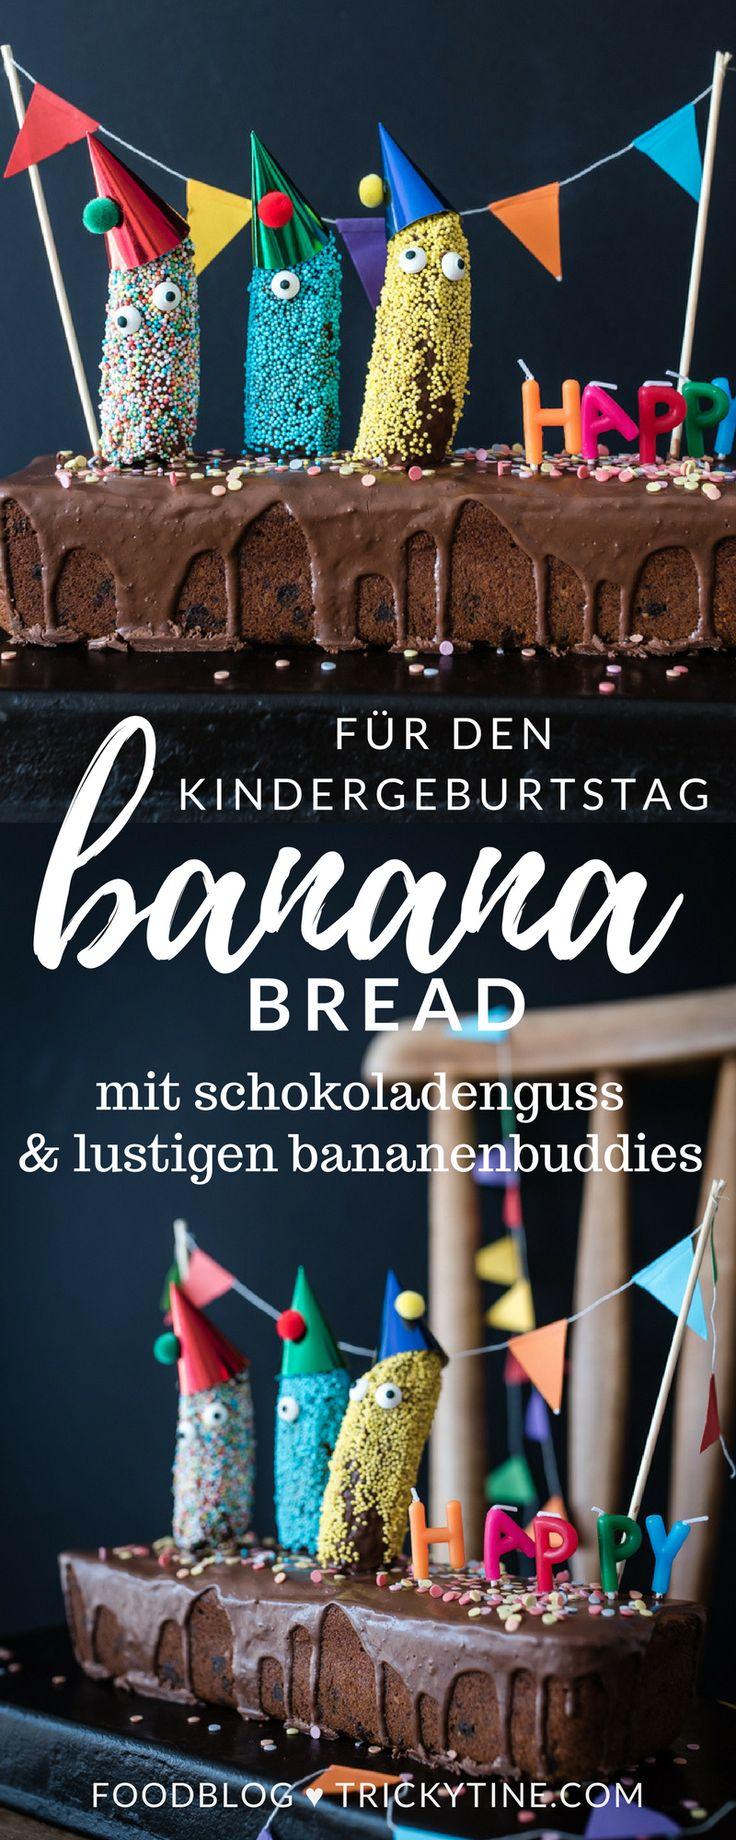 super köstliches banana bread mit schokolade & der lustigen bananenpartycrew - super für den nächsten kindergeburtstag ♥ trickytine.com